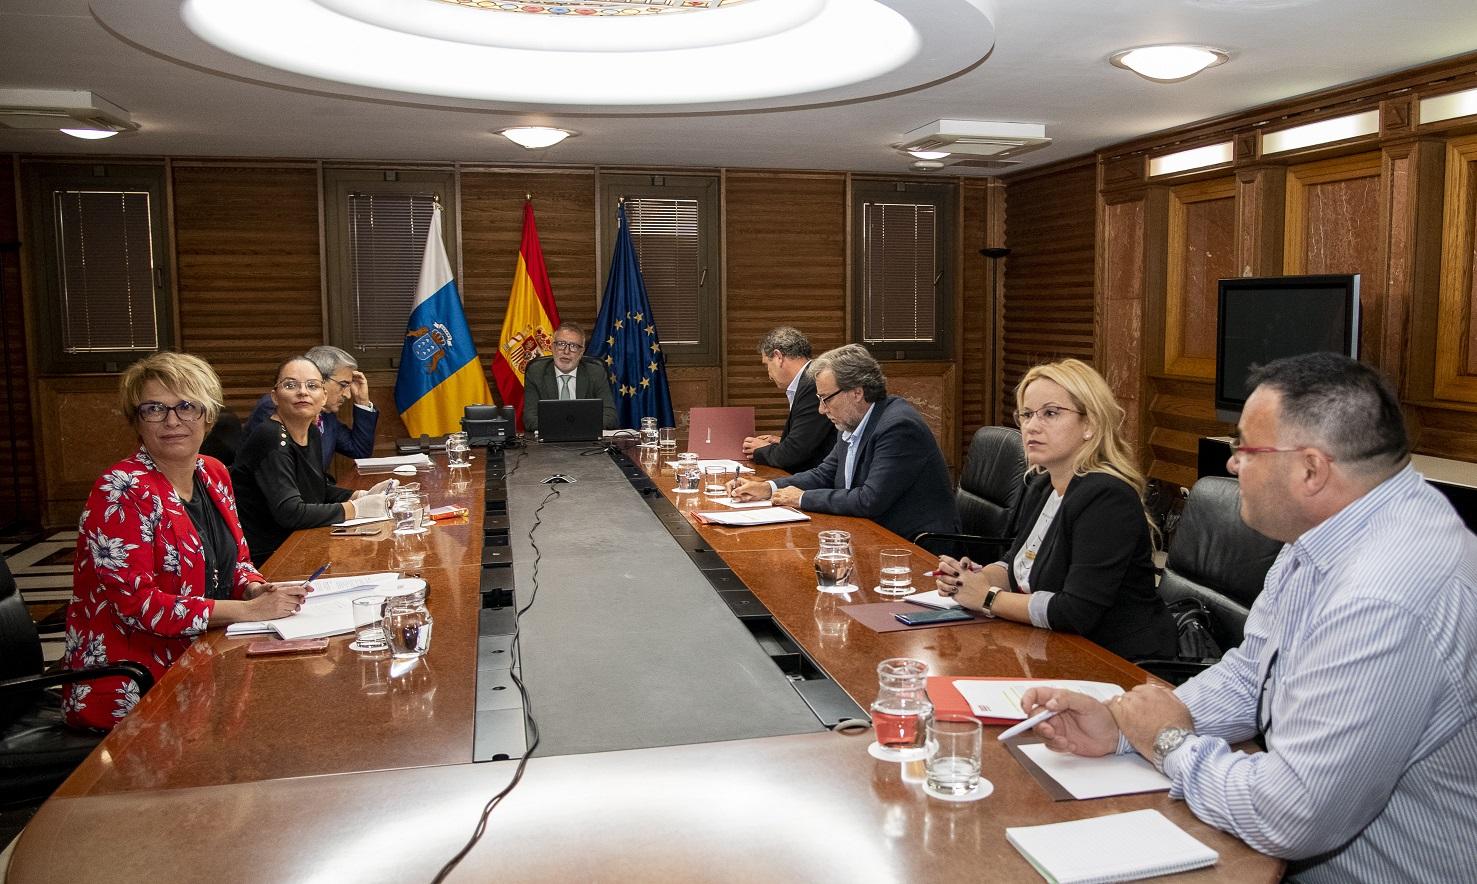 Imágenes de la reunión